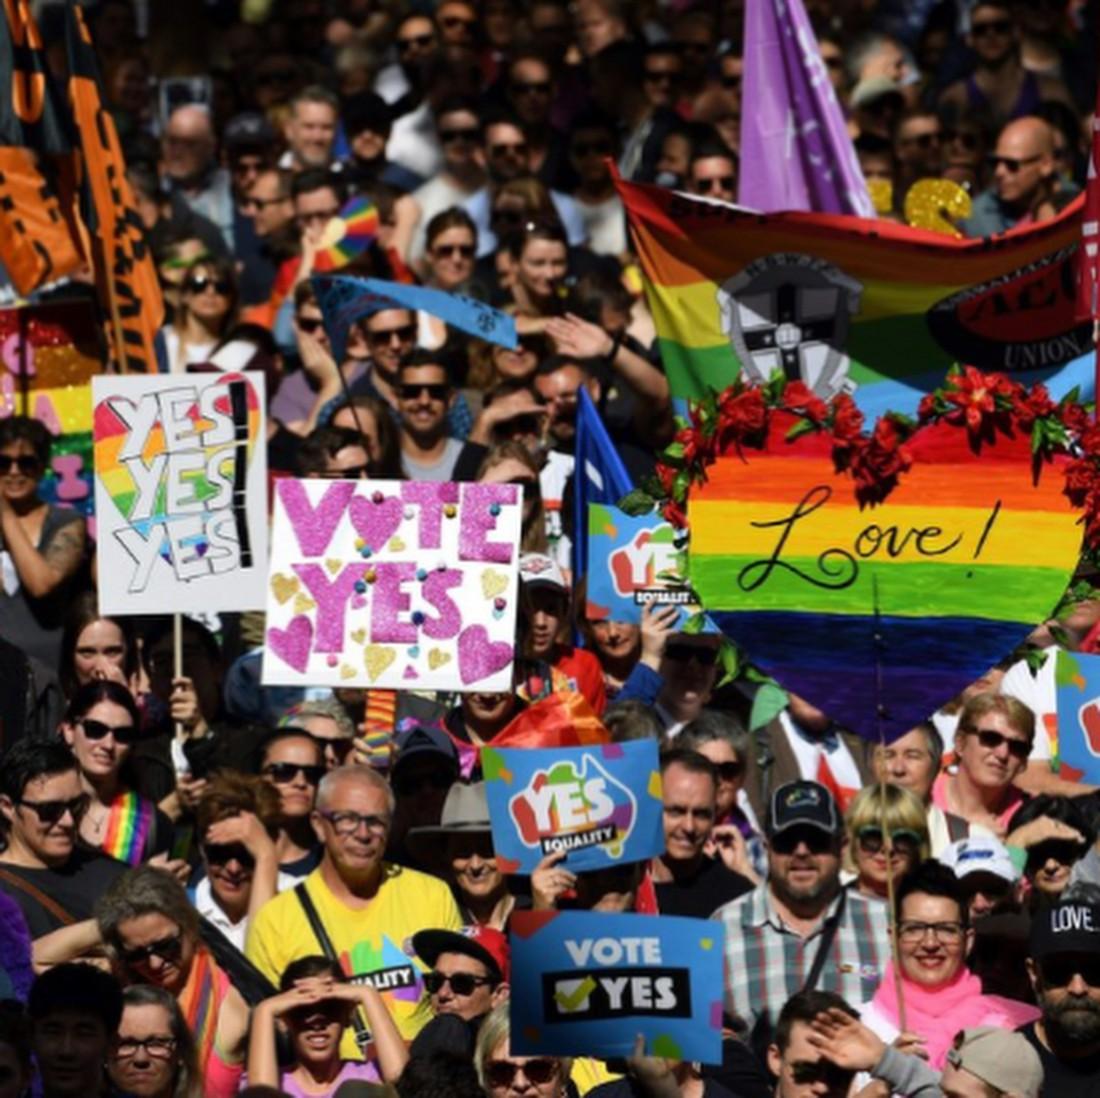 Лиам Хемсворт поддержал однополые браки